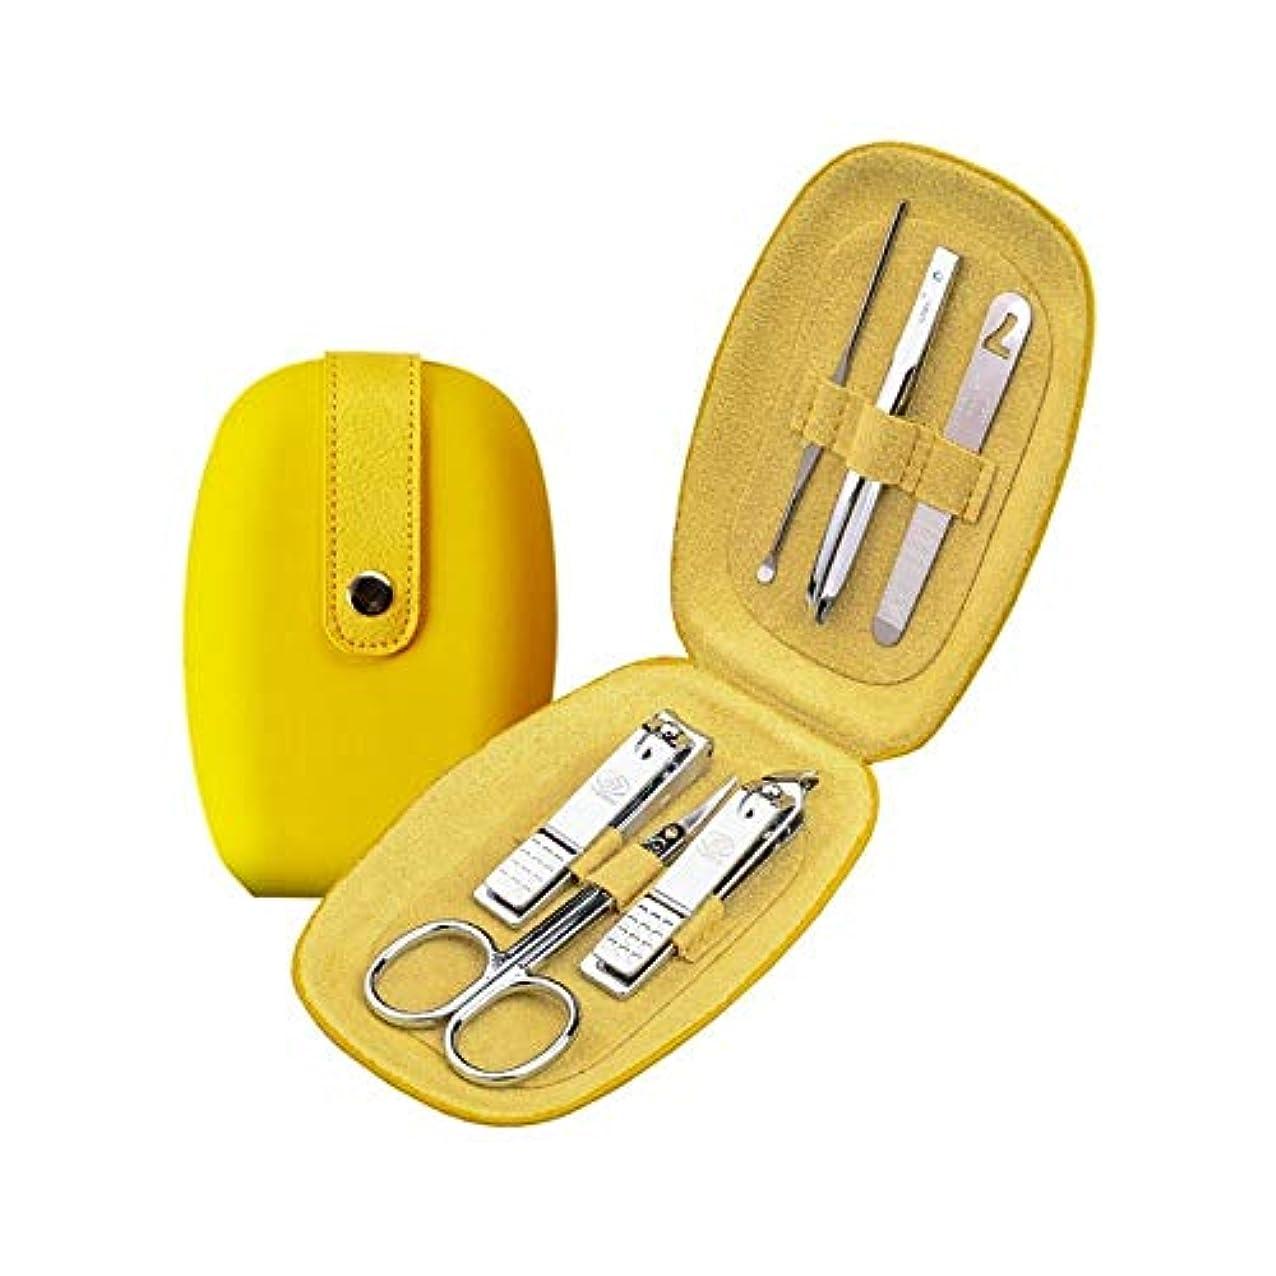 ホイットニー地質学タイプライターJIAYIZS ネイルクリッパーは6のネイルクリップネイルクリッパー修復能力コンビネーションマニキュアネイルセットを設定します。 (Color : Yellow)